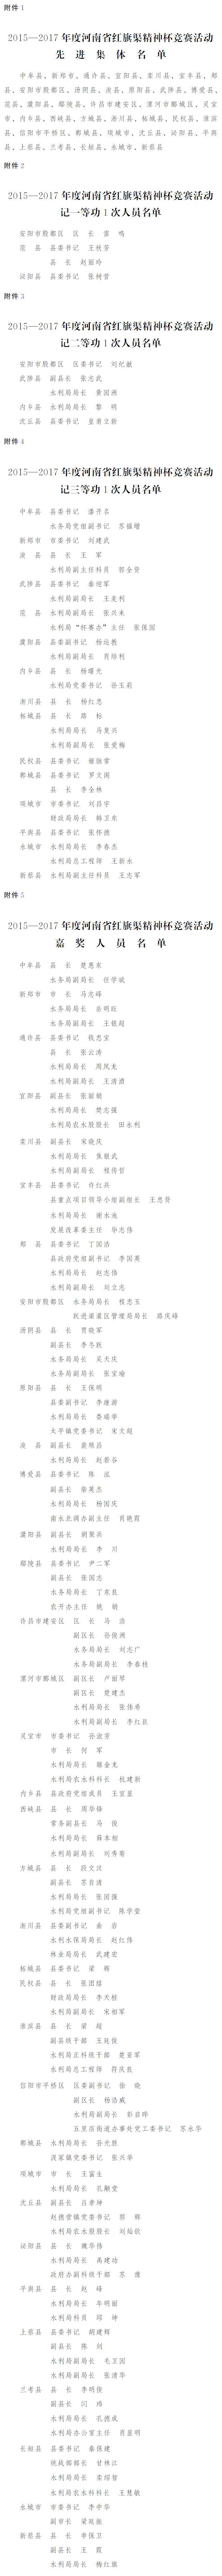 豫政〔2019〕10号《?河南省人民政府关于表彰2015-2017年度河南省红旗渠精神杯竞赛活动先进集体和先进个人的决定》